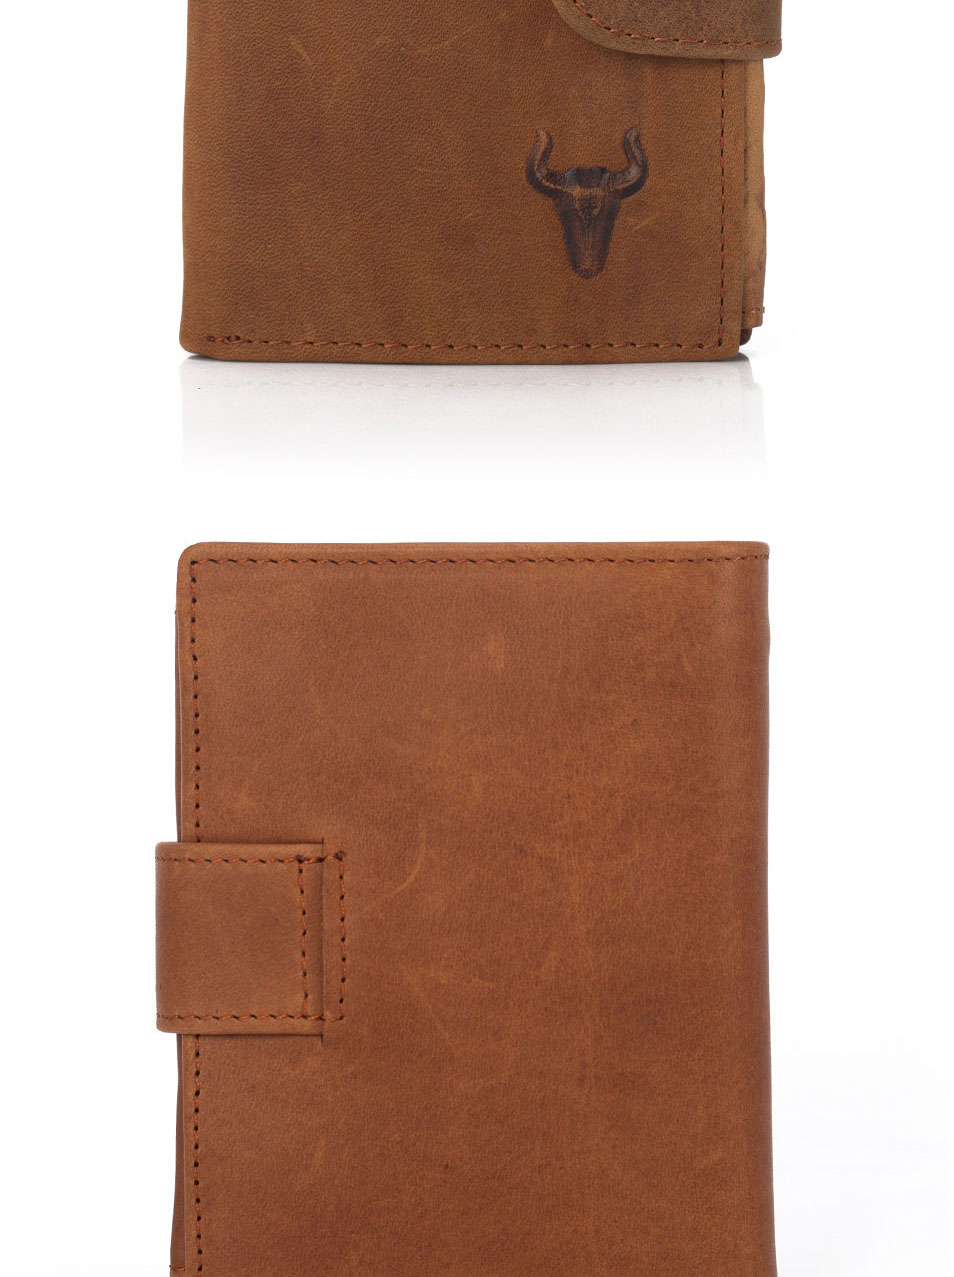 Wallet-Men-Leather-Genui-05